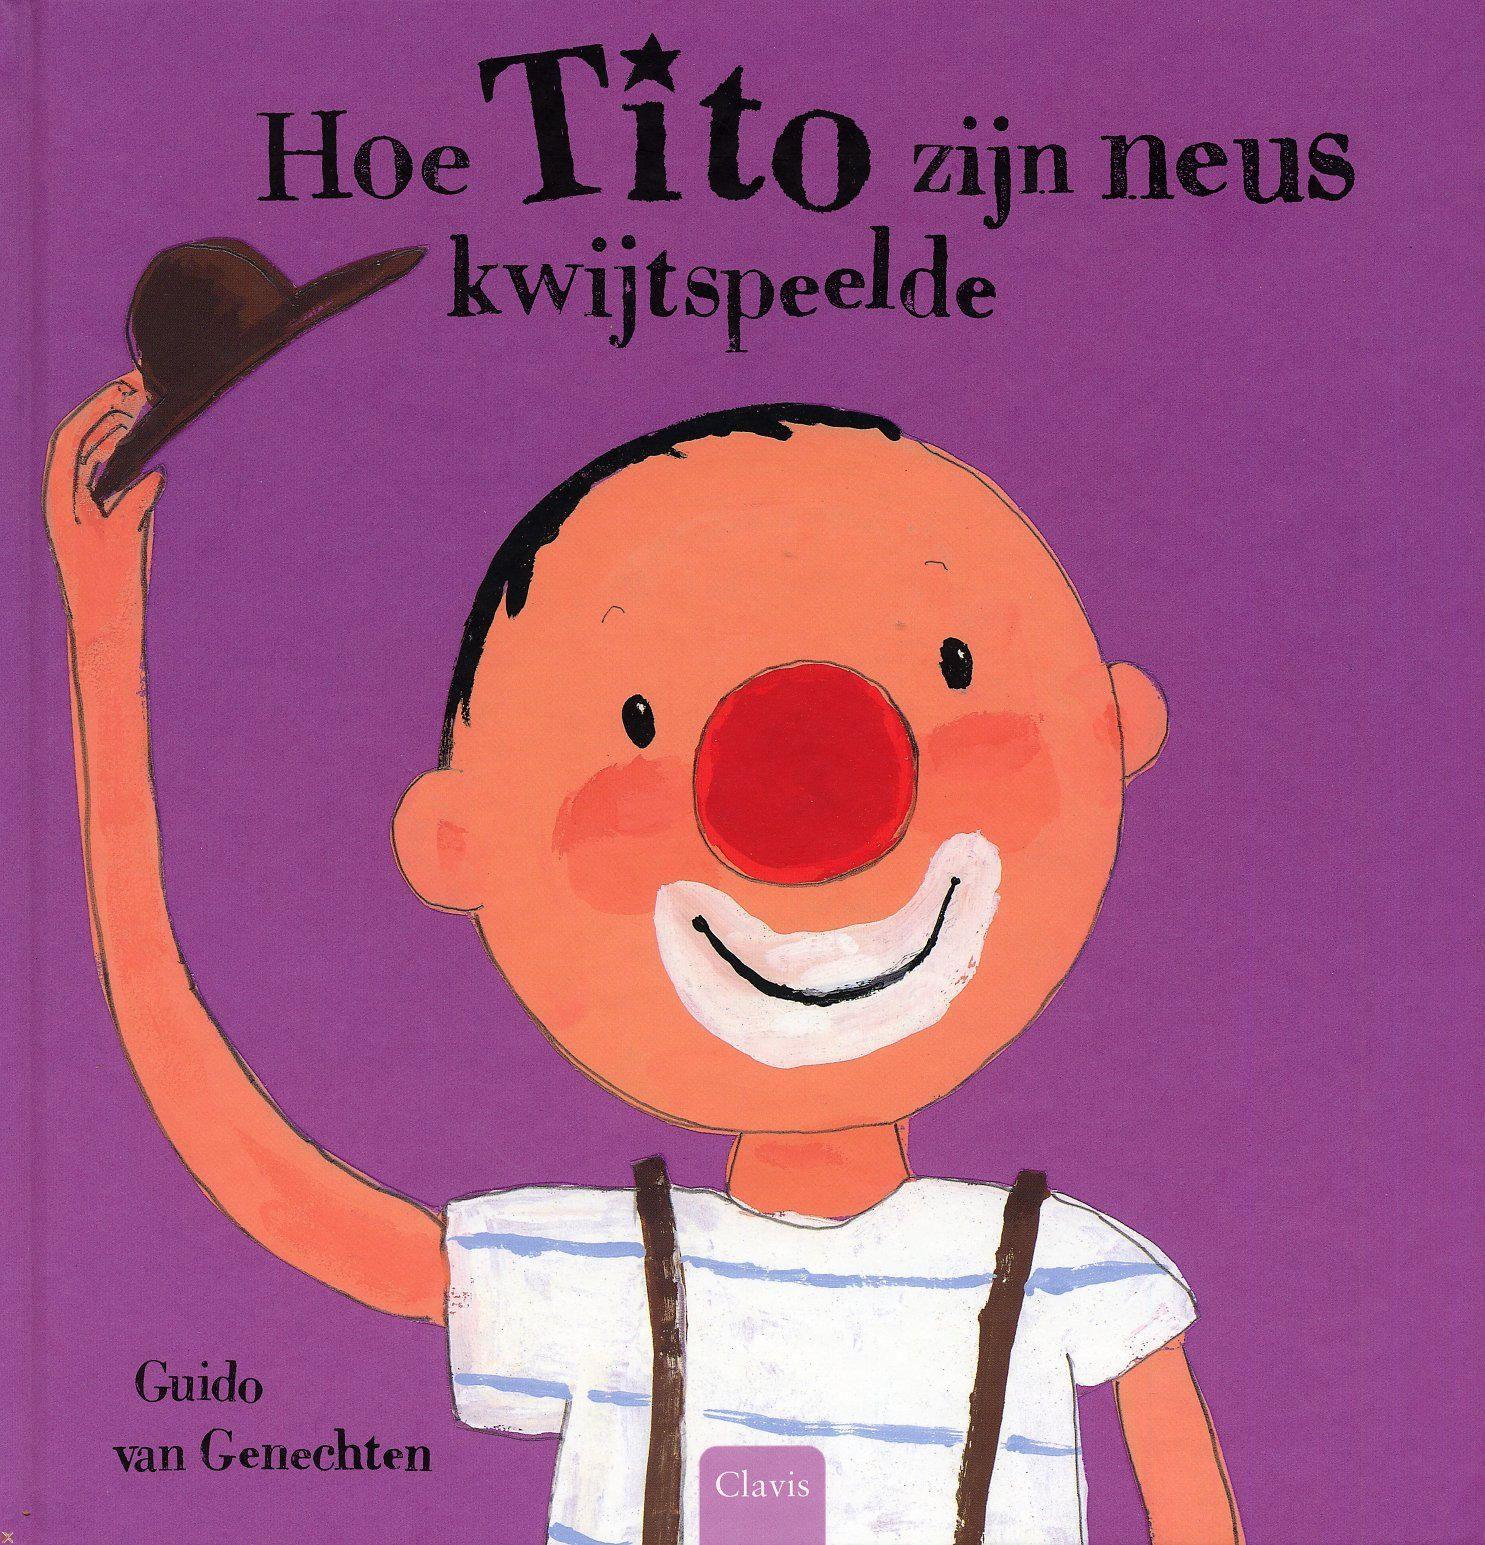 Afbeeldingsresultaat voor hoe tito zijn neus kwijtspeelde